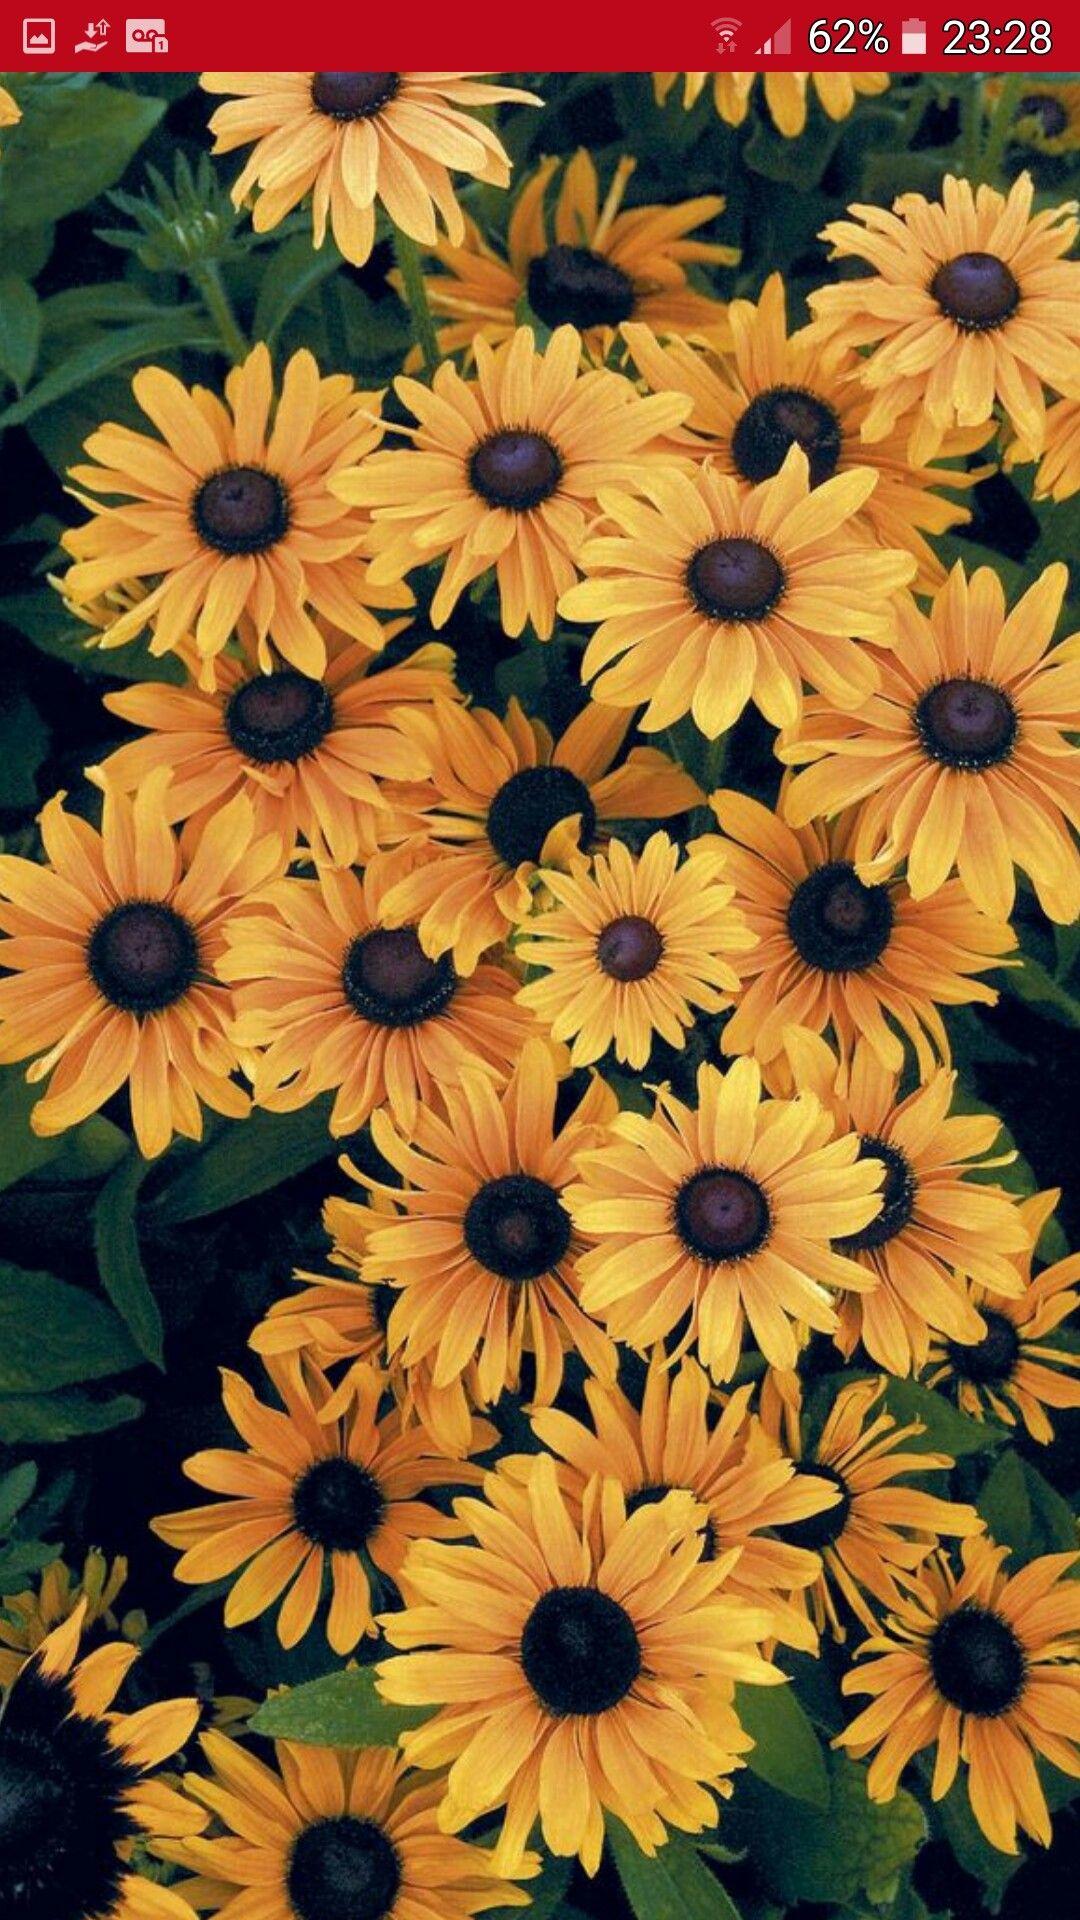 Fall Sunflowers Wallpaper Flores Flores Papel De Parede De Girassol Planos De